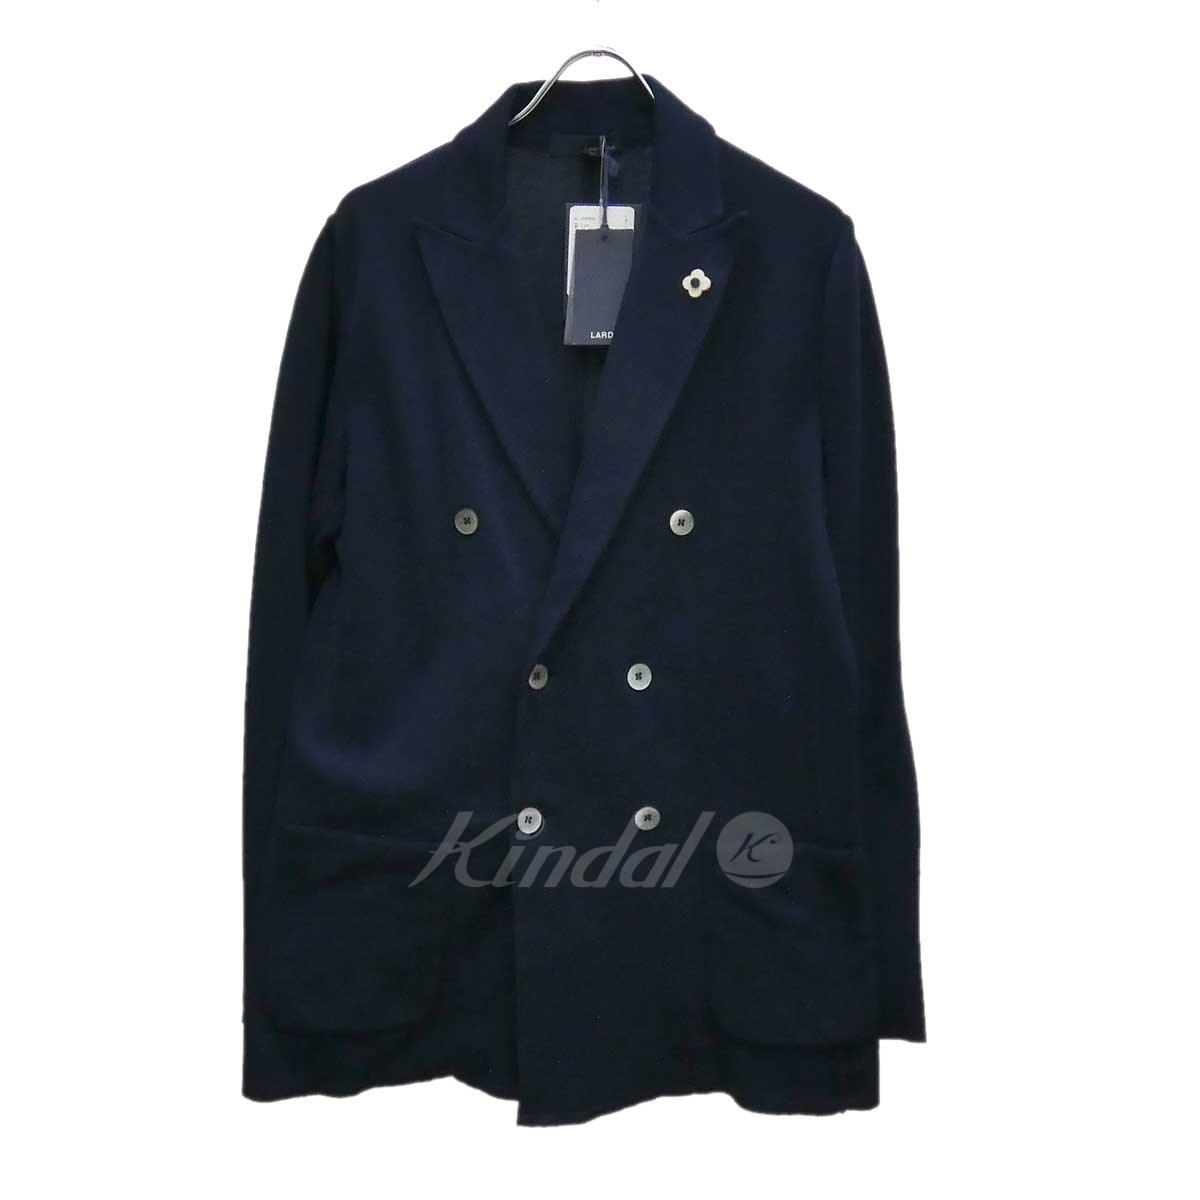 【中古】LARDINI ダブルニットジャケット ガーメントケース ネイビー サイズ:S 【020619】(ラルディーニ)